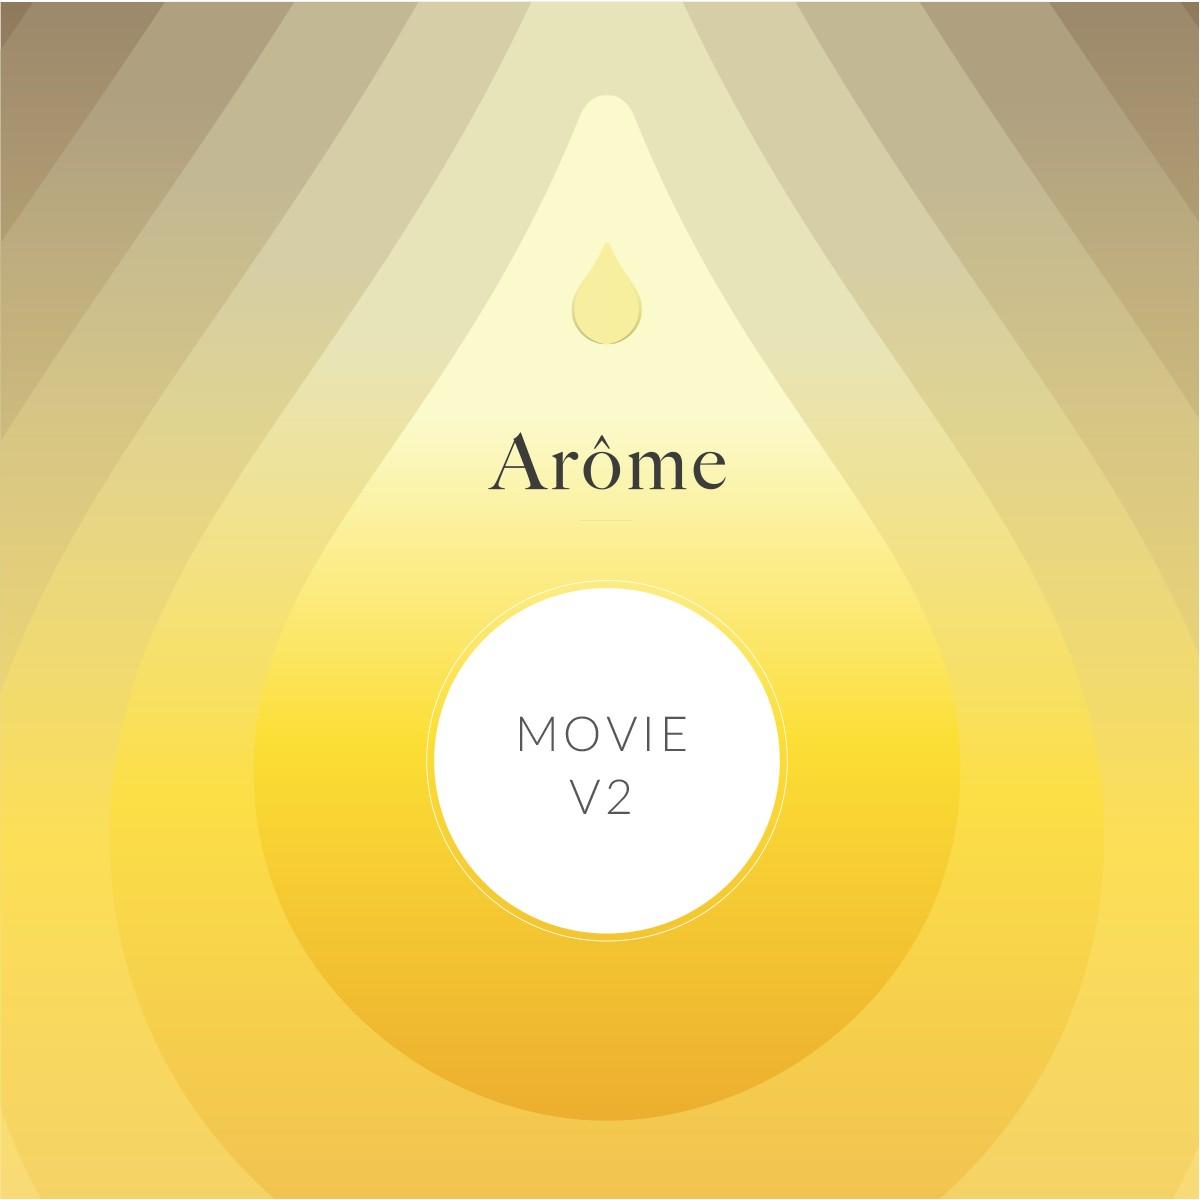 Movie V2